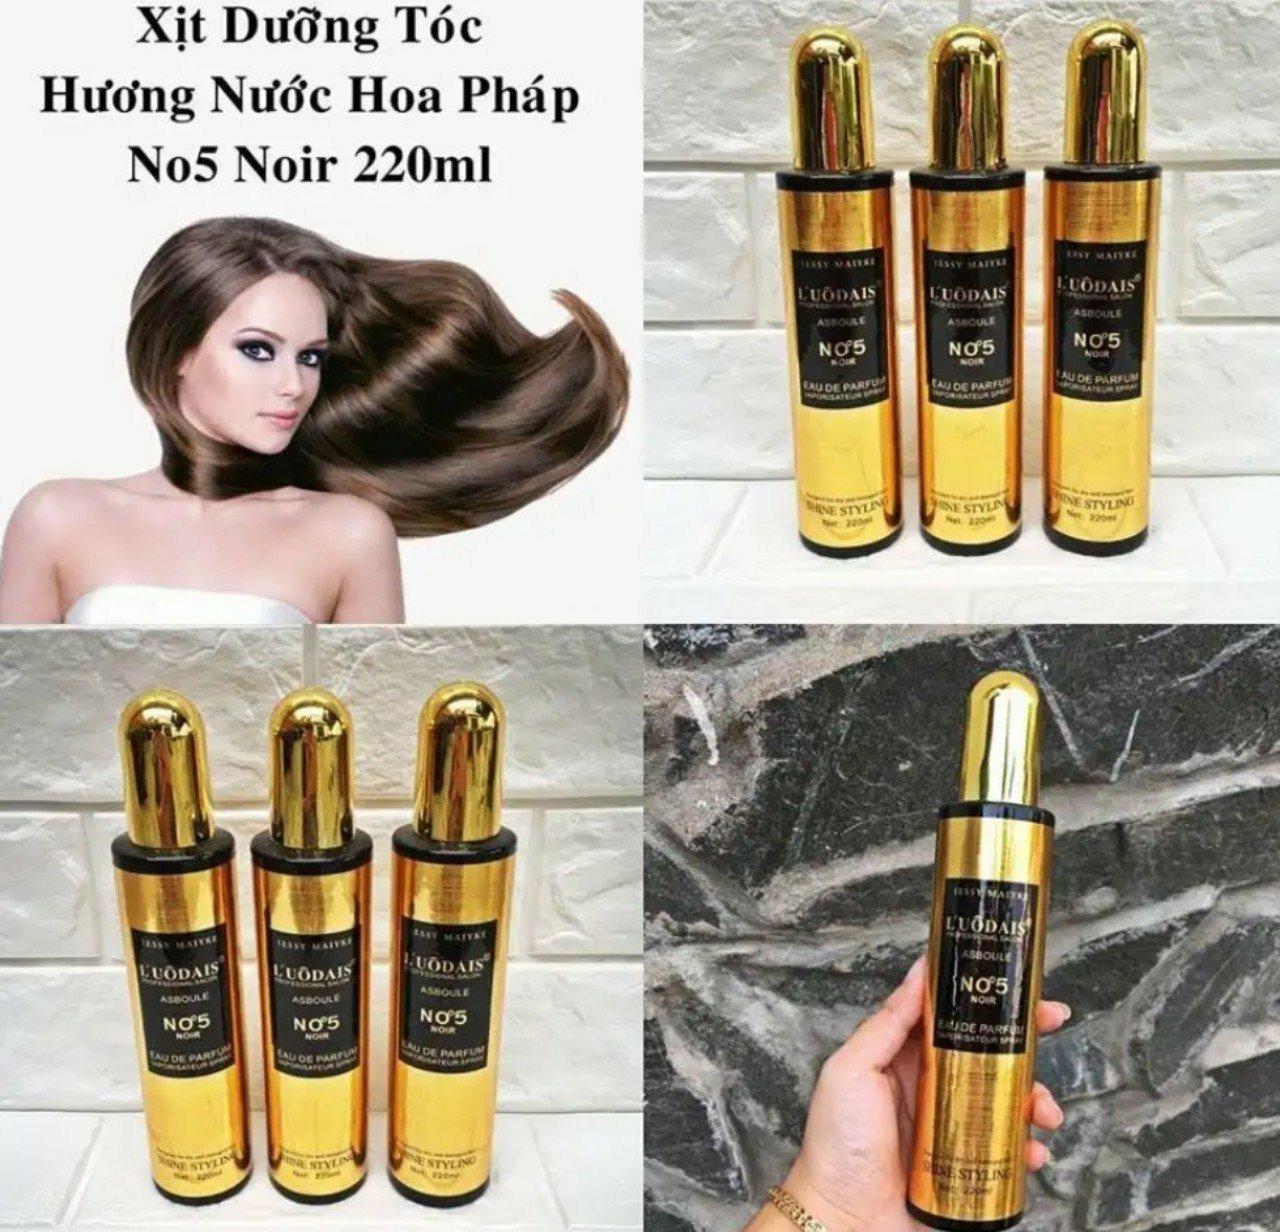 xịt dưỡng tóc hương nước hoa